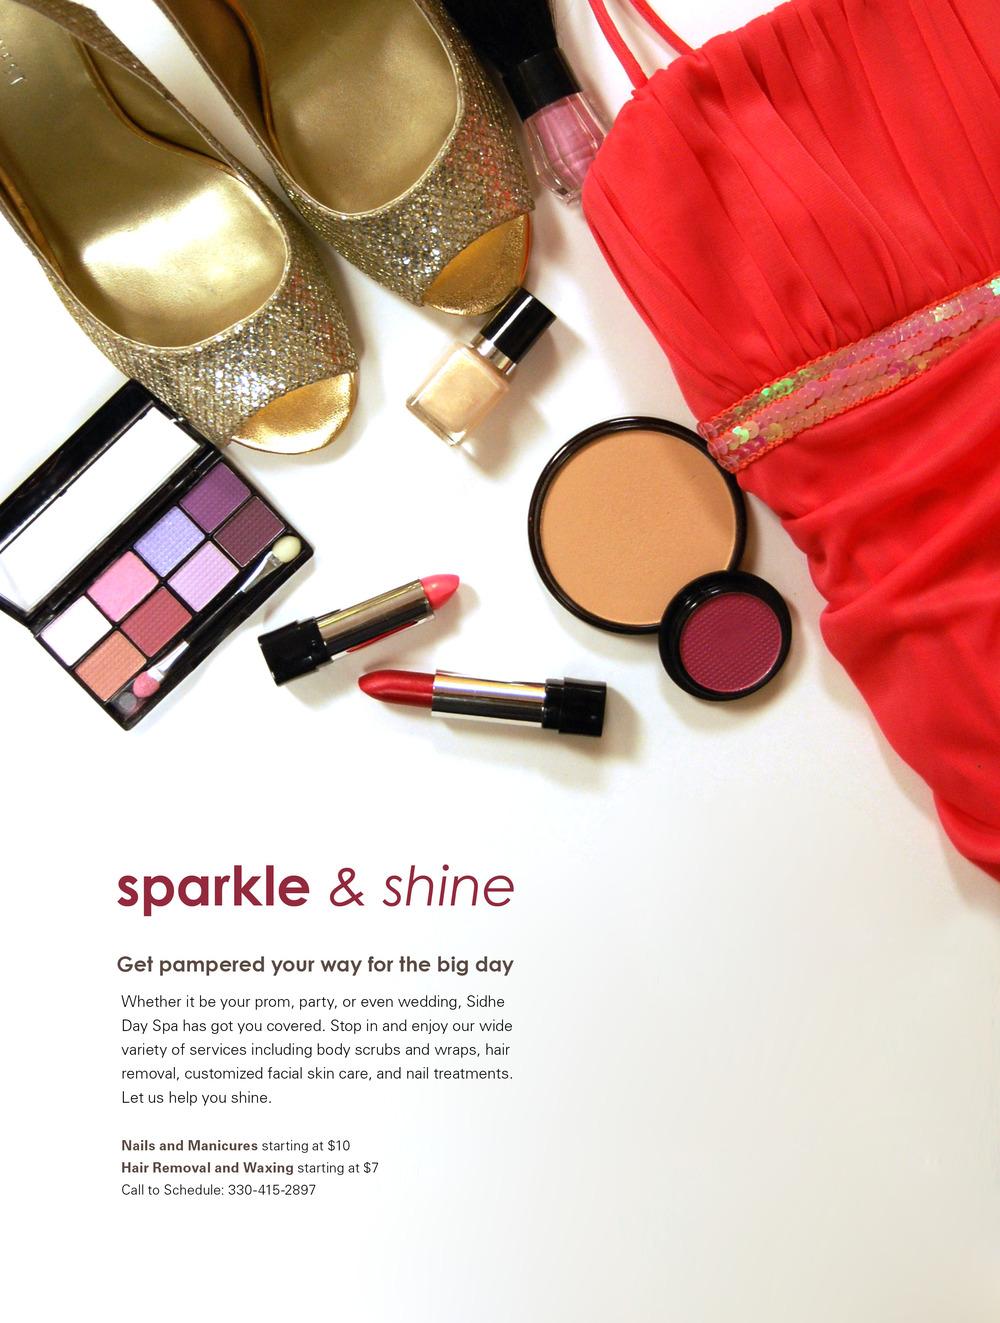 sparkle_1.jpg